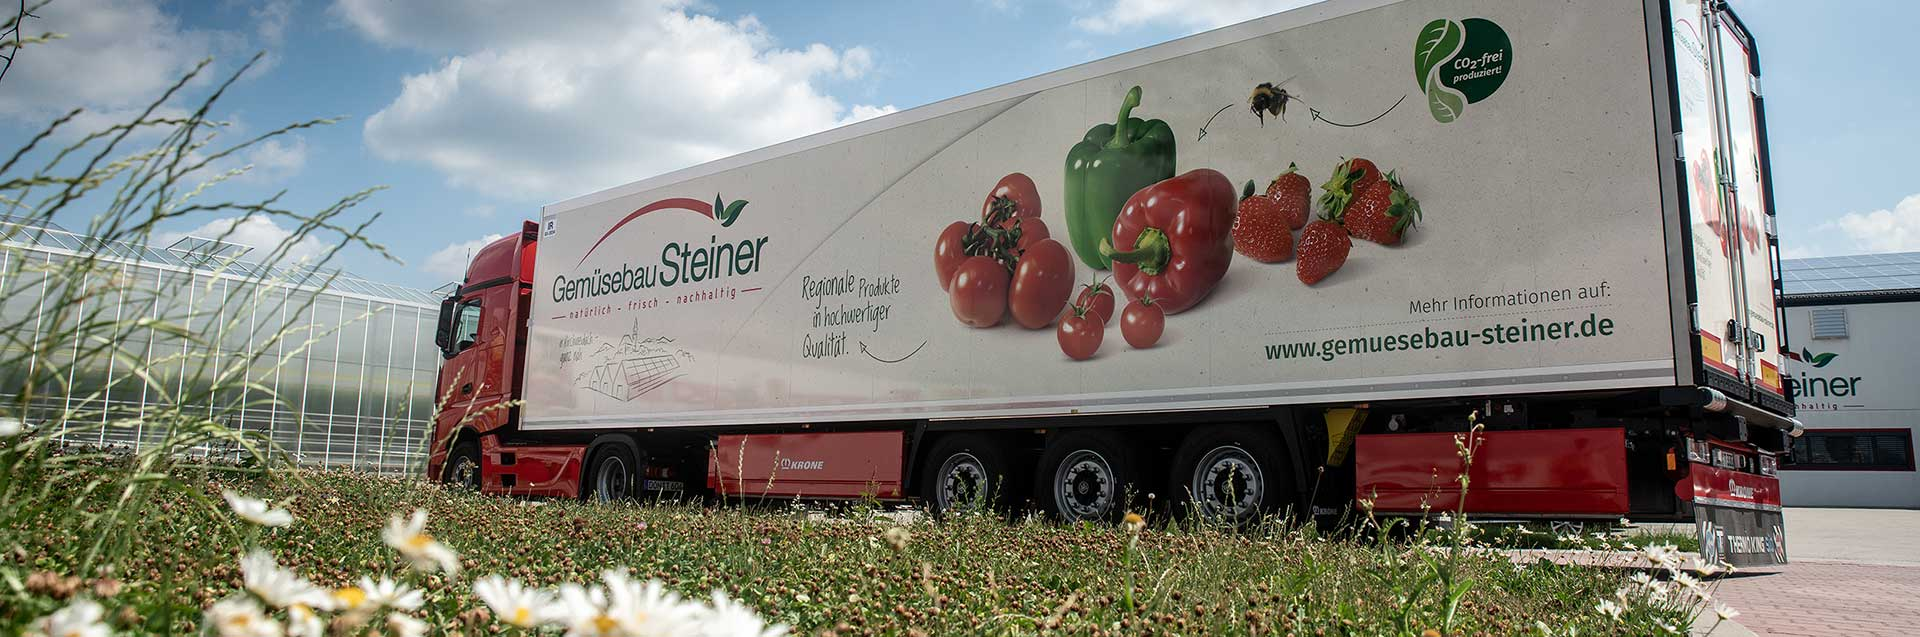 LKW 40 Tomnner mit Gemüsebau Steiner Design